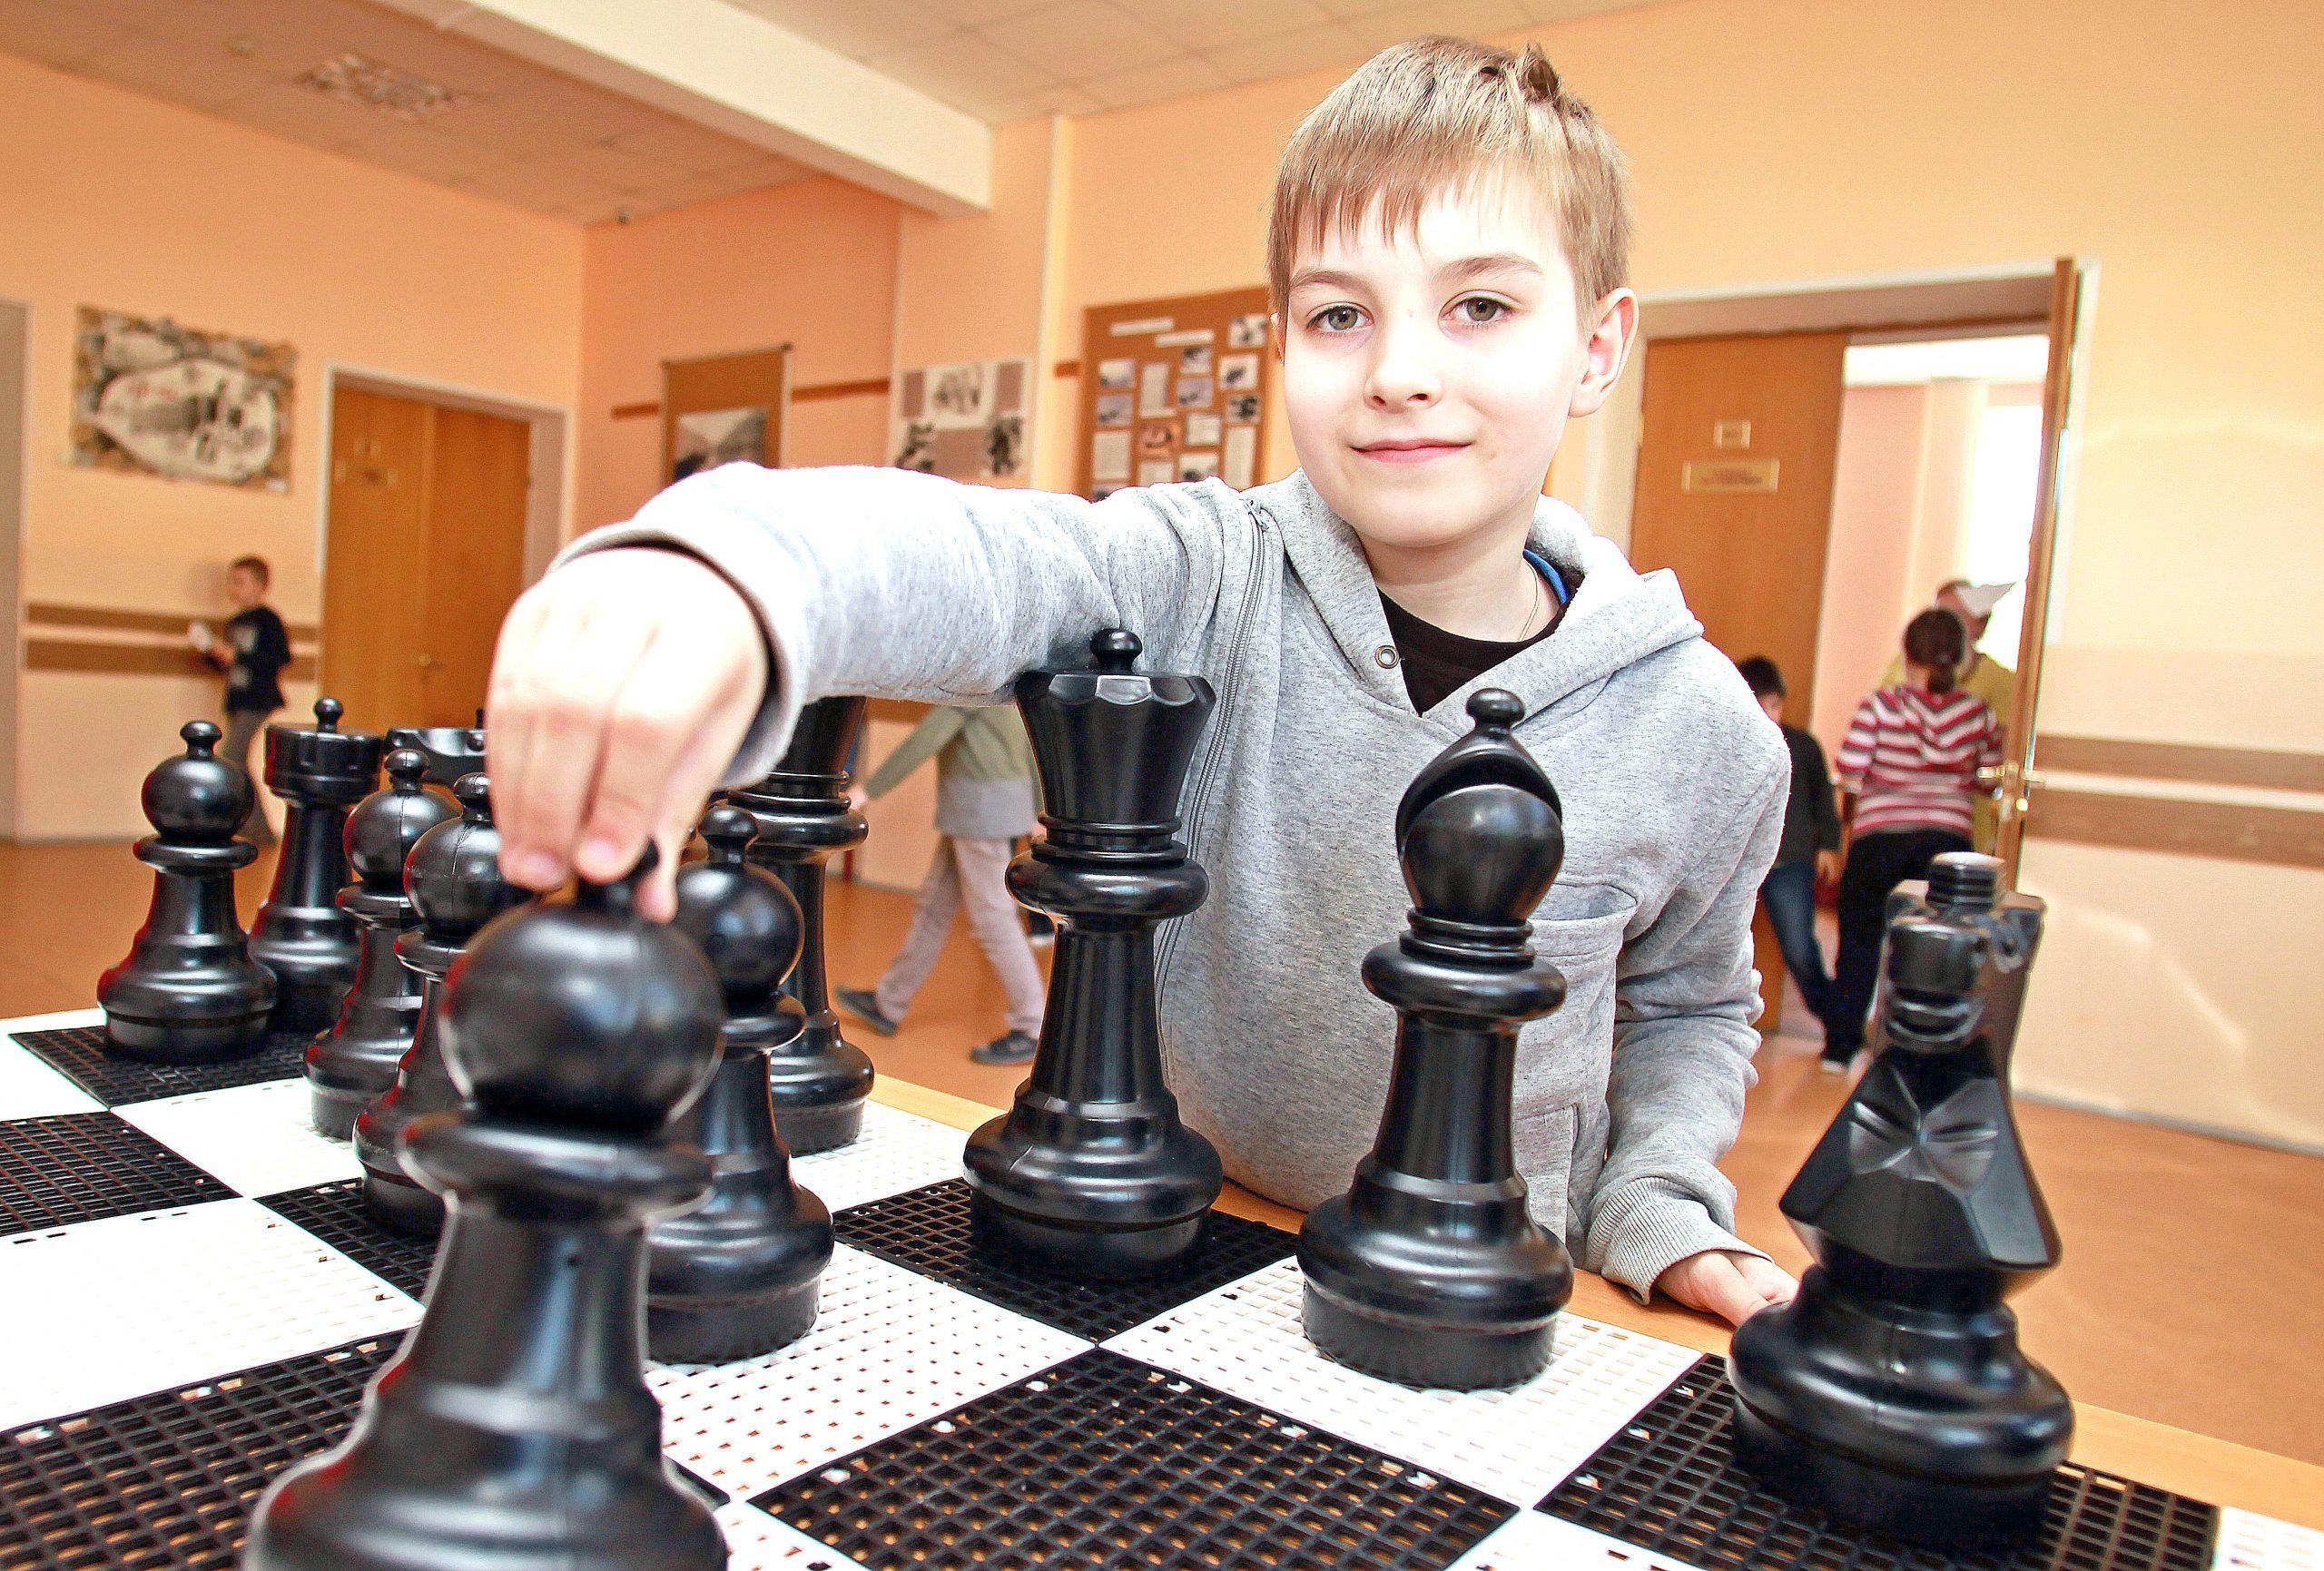 Шахматисты поселения Кленовское примут участие в турнире